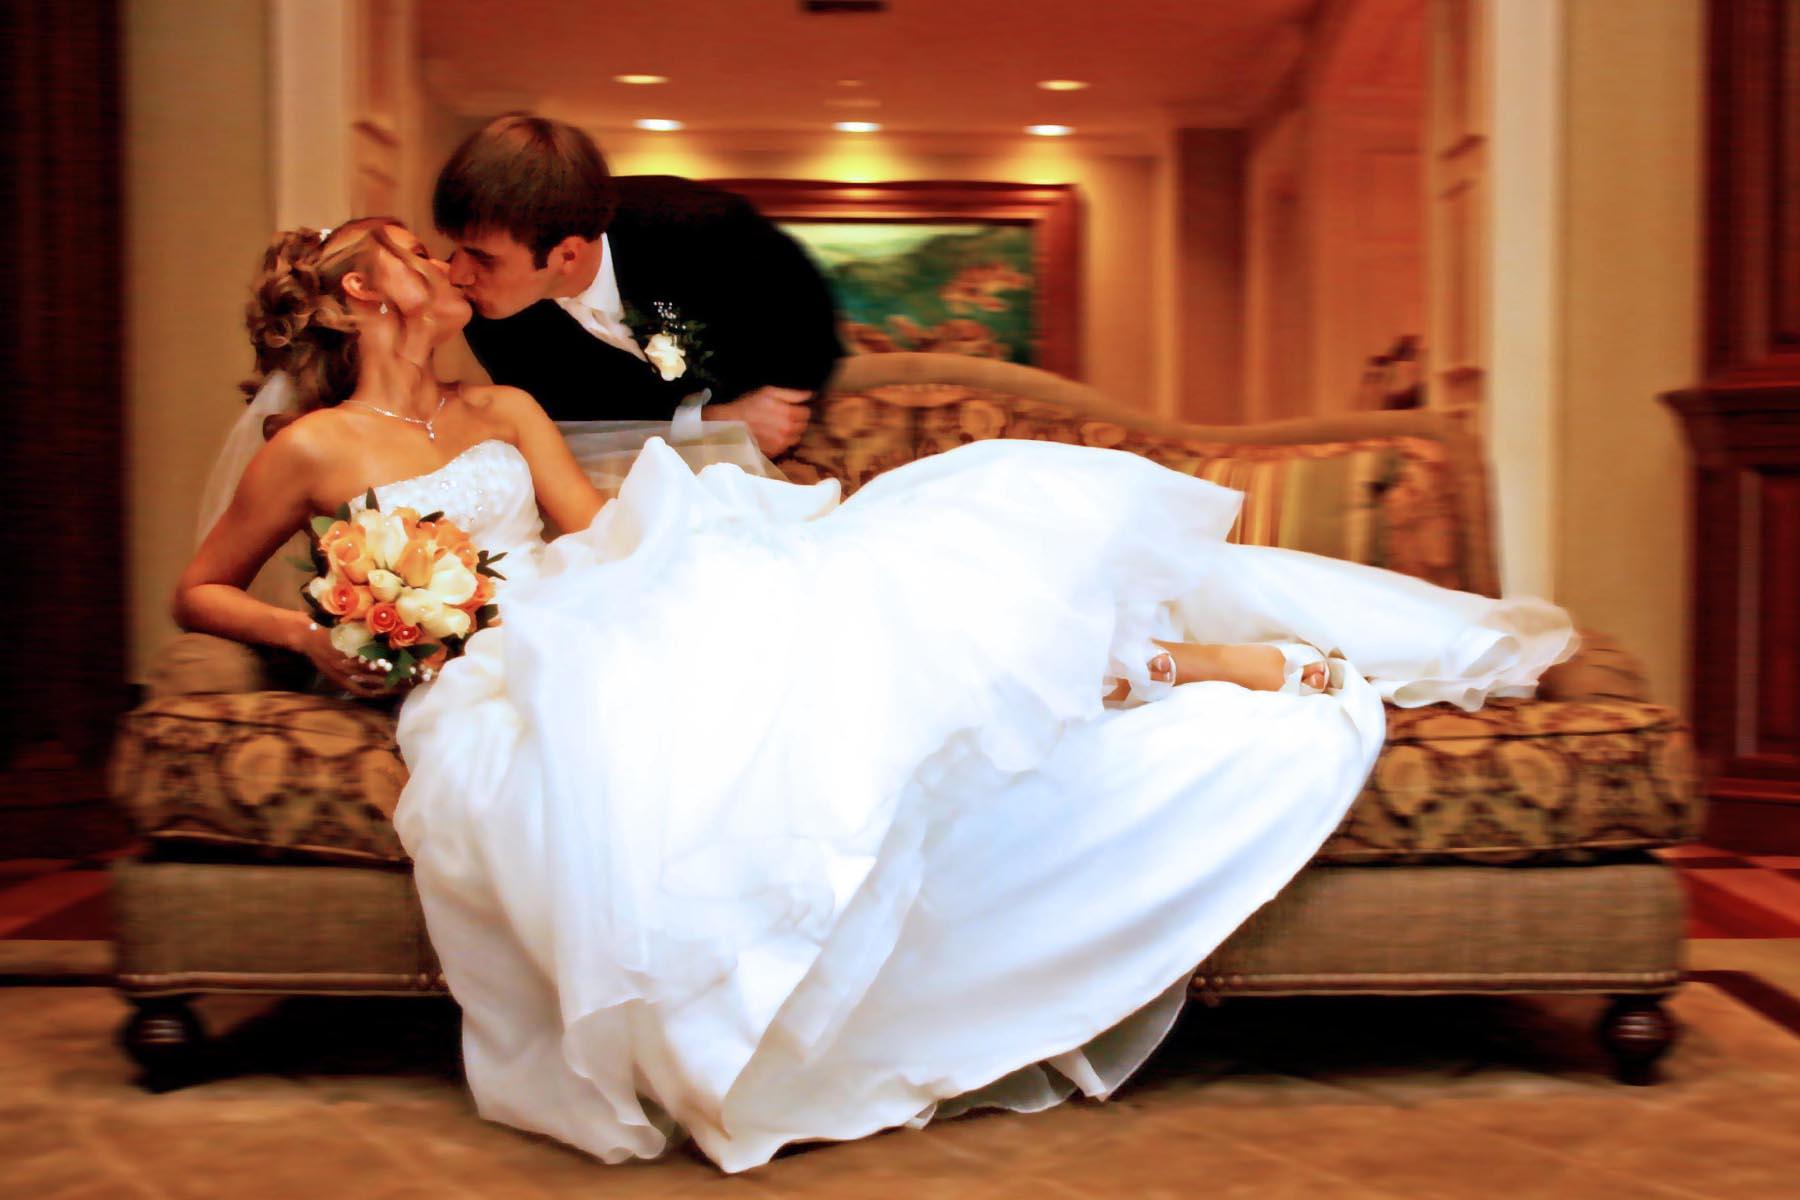 www.dfwphotologist.com